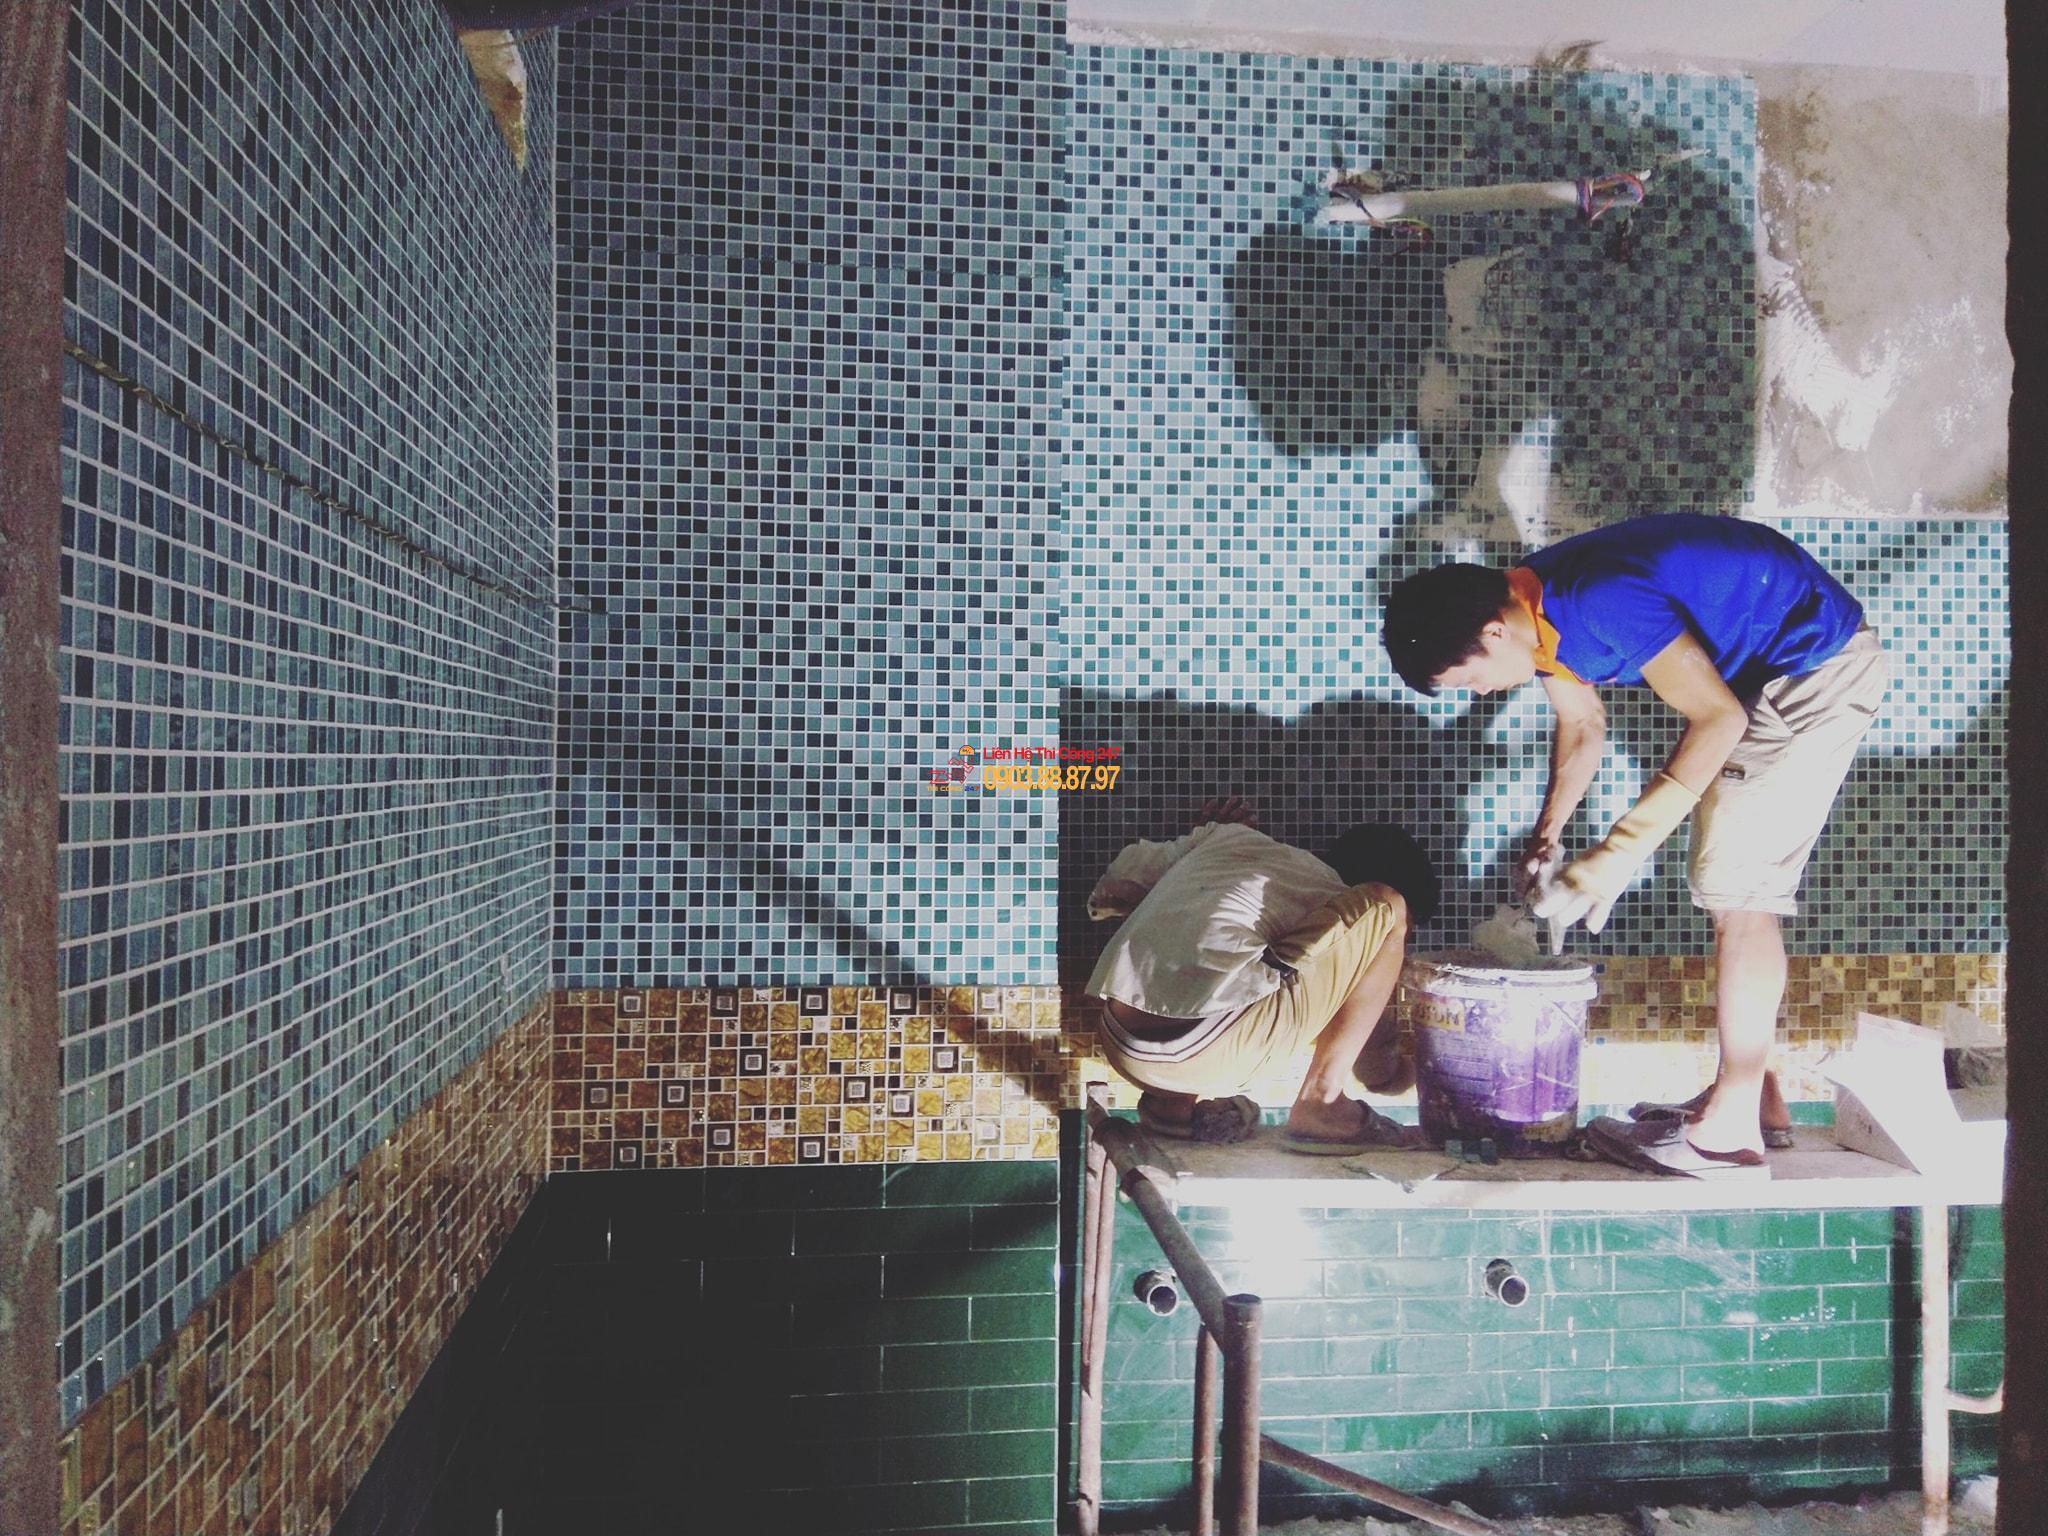 Nhà Thầu Thi Công Sửa Chữa Công Trình 24/7 Tại TpHcm Giá Rẻ